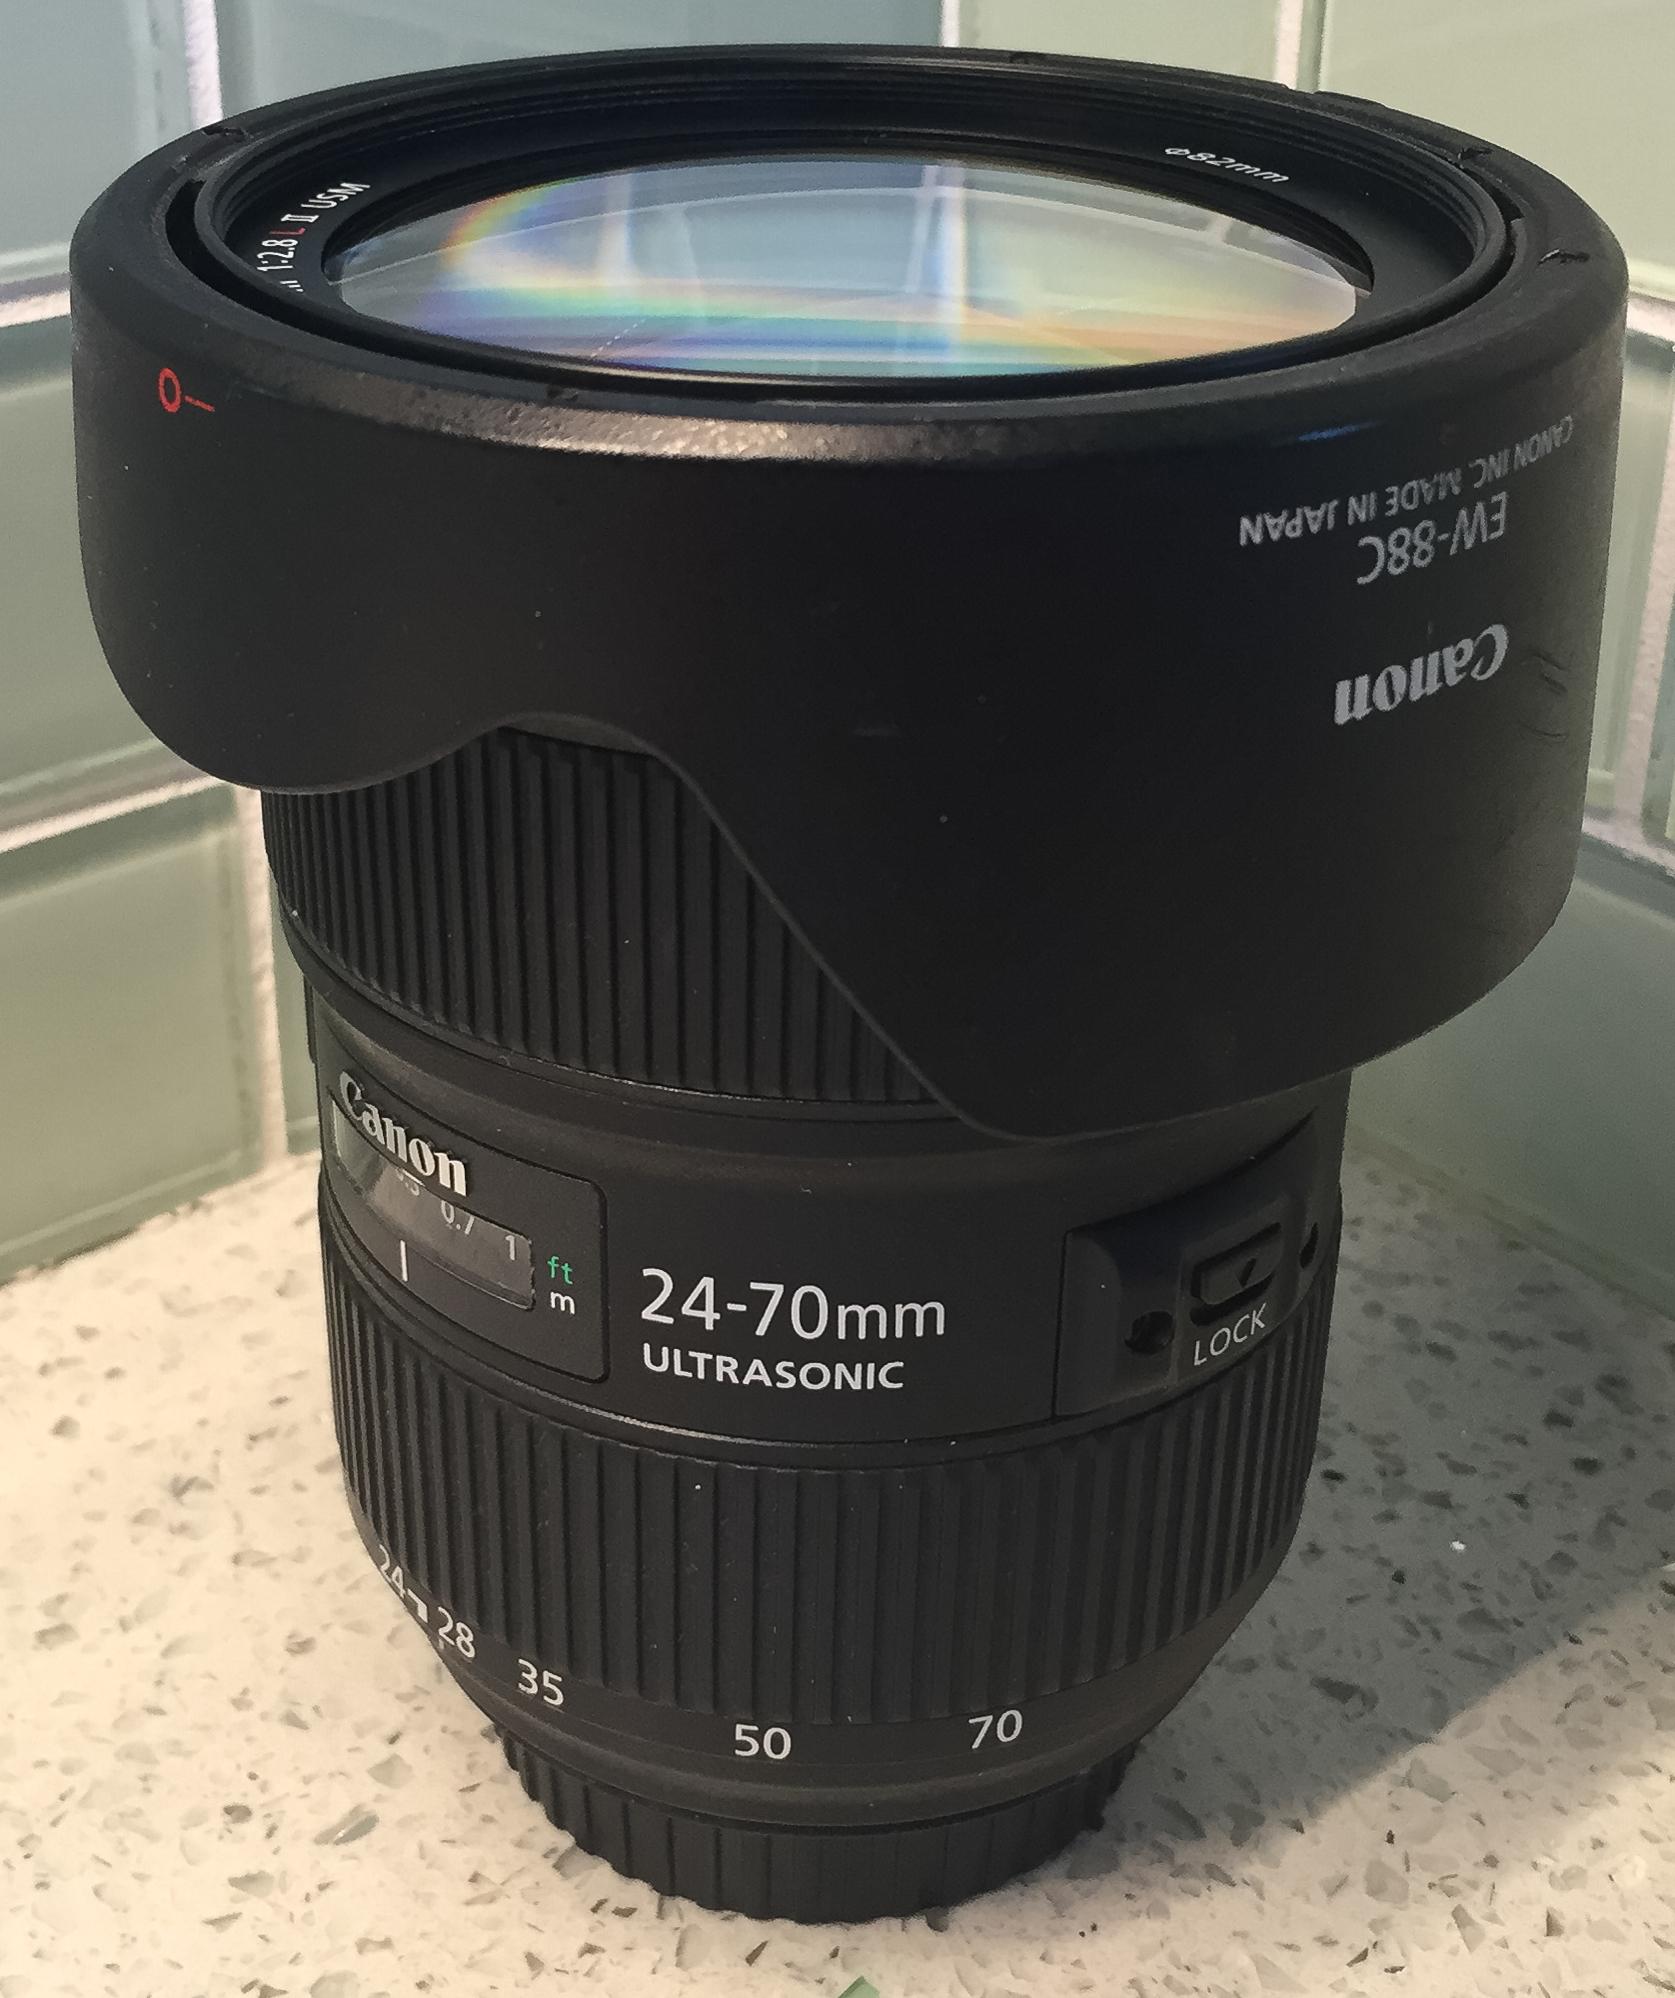 Canon EF 24-70mm ƒ2.8 L II USM Lens